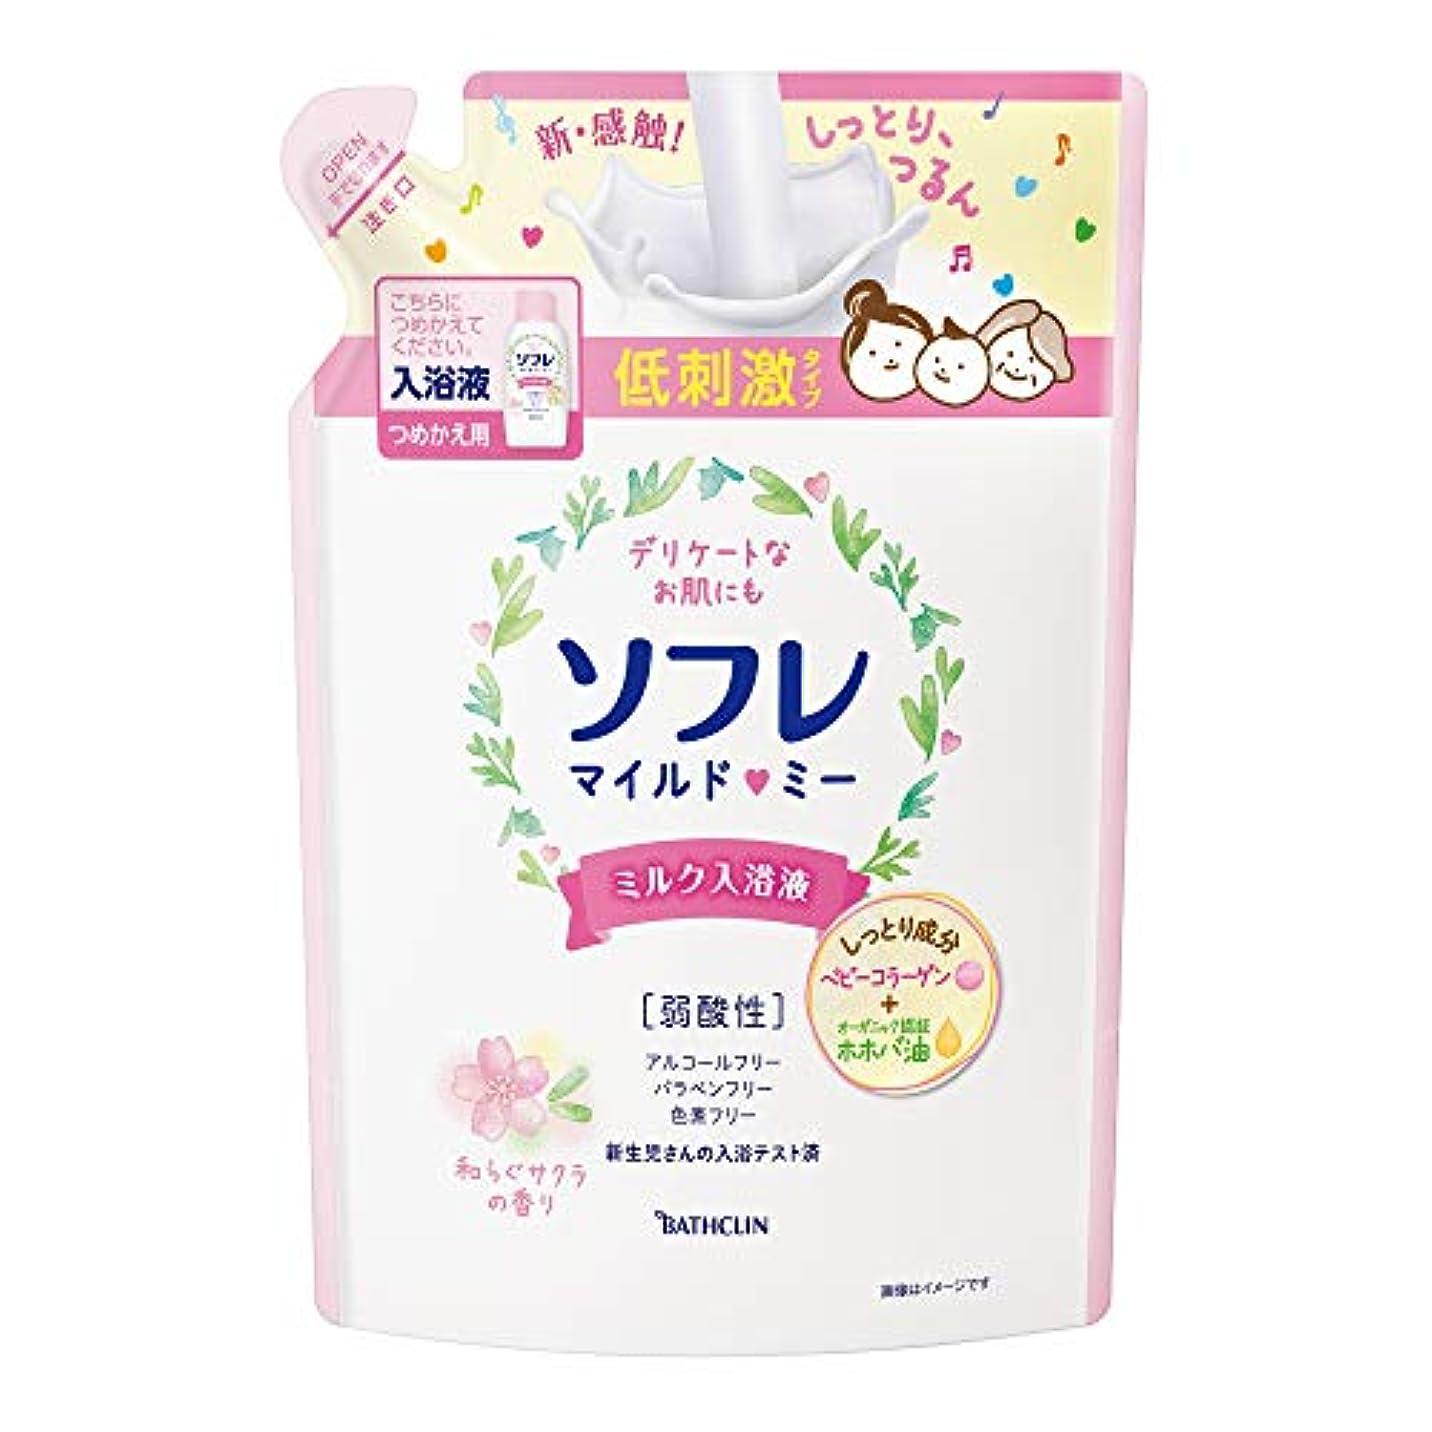 白い東コミュニティバスクリン ソフレ入浴液 マイルド?ミー ミルク 和らぐサクラの香り つめかえ用 600mL保湿 成分配合 赤ちゃんと一緒に使えます。